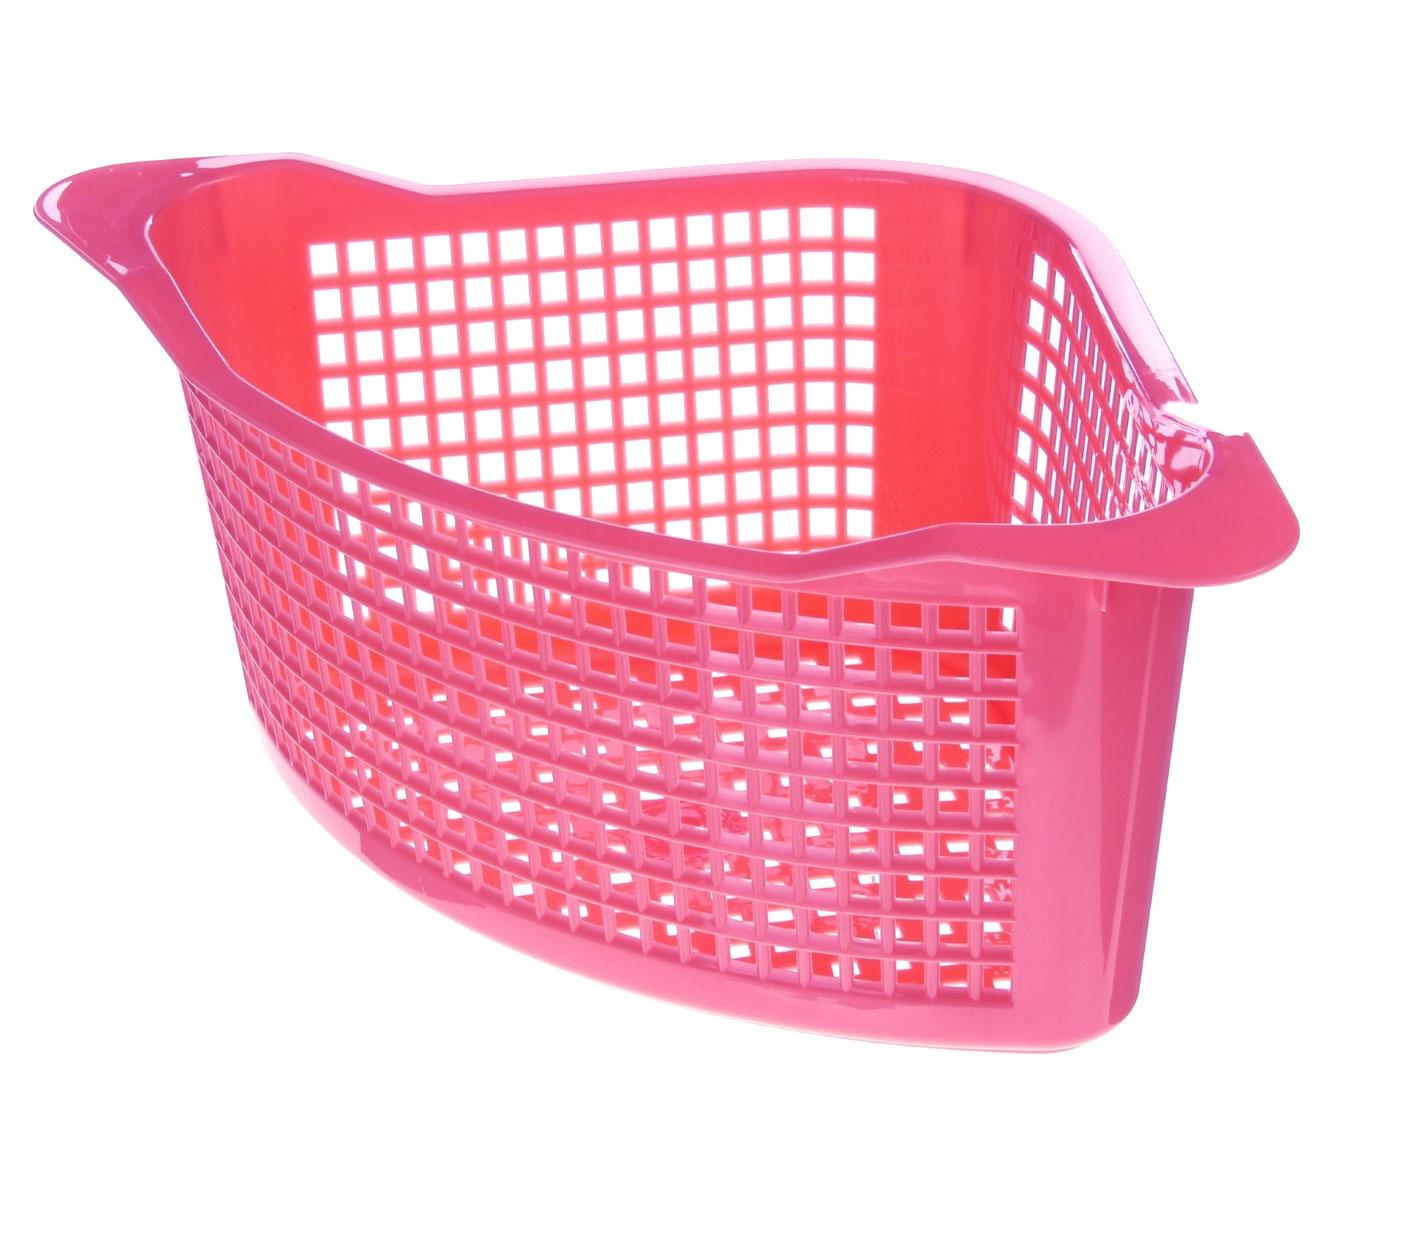 Корзинка универсальная Econova, угловая, цвет: розовый, 29 см х 18 см х 12 см718343Универсальная угловая корзинка Econova, изготовленная из высококачественного прочного пластика, предназначена для хранения мелочей в ванной, на кухне или даче. Это легкая корзина жесткой кромкой и небольшими отверстиями позволяет хранить мелкие вещи, исключая возможность их потери. Размер: 29 см х 18 см х 12 см.